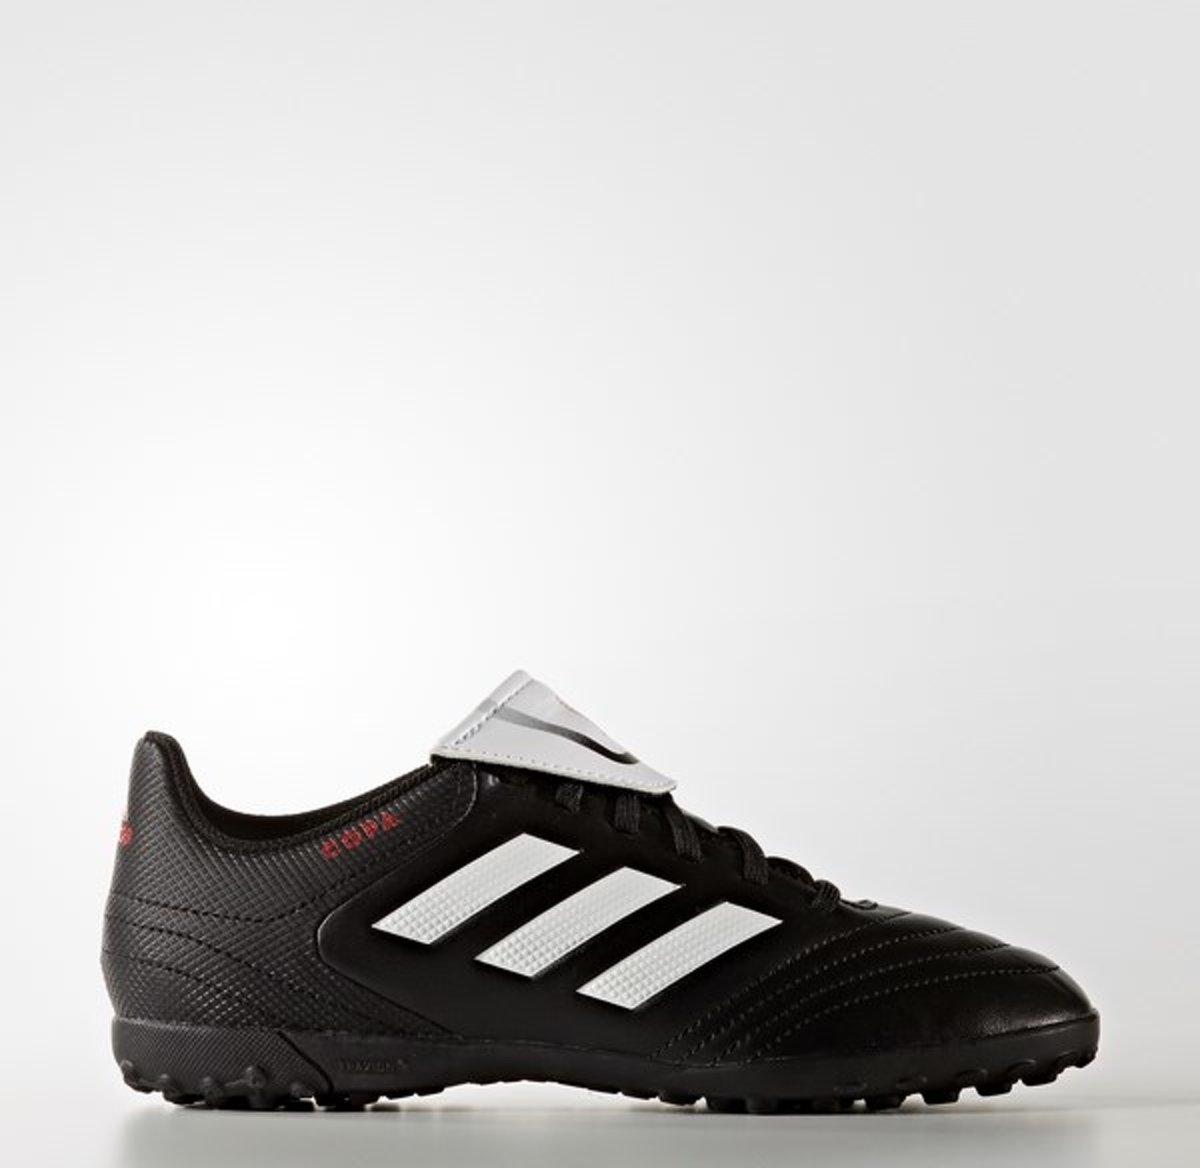 Adidas - Salle X17.4 Jr Football - Unisexe - Chaussures - Noir - 36 2/3 KwEm86